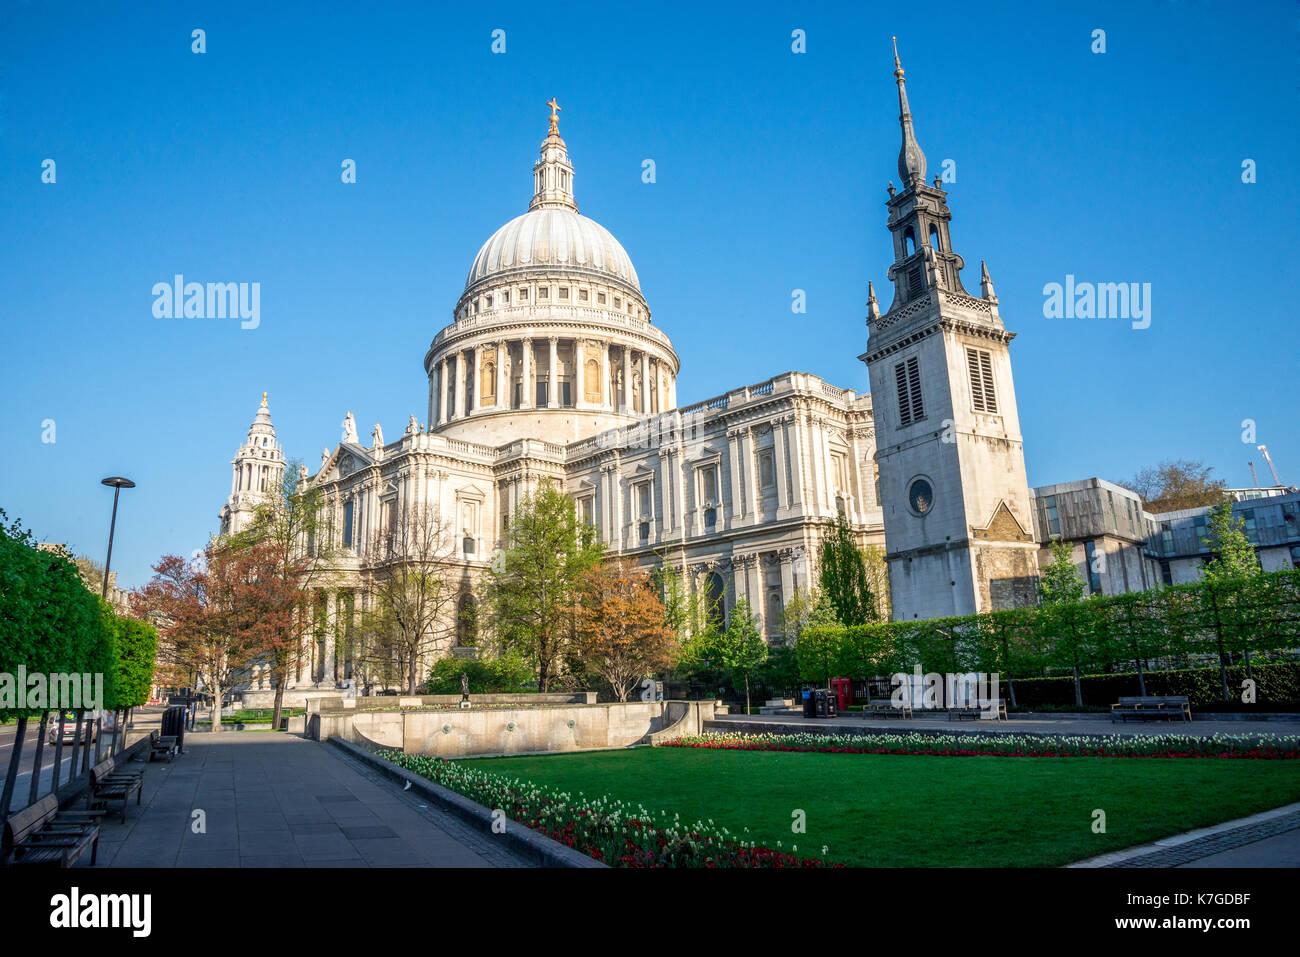 Une vue de la cathédrale St Paul du festival jardins en Centre de Londres, Grande-Bretagne Photo Stock